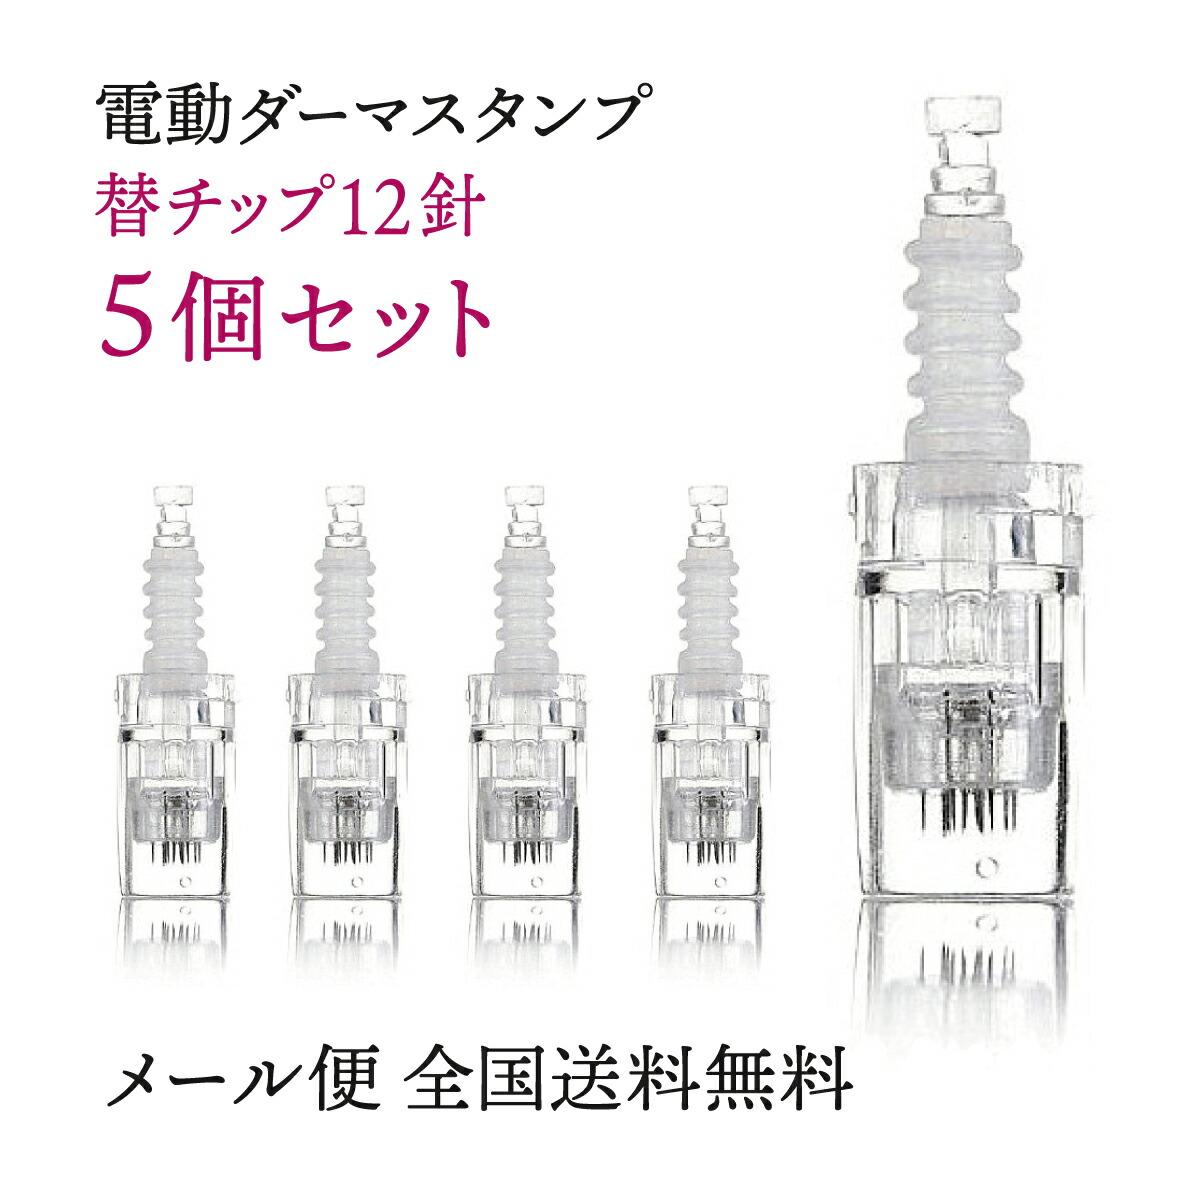 電動ダーマスタンプ 替えチップ(針)12針タイプ 5個セット商品画像1